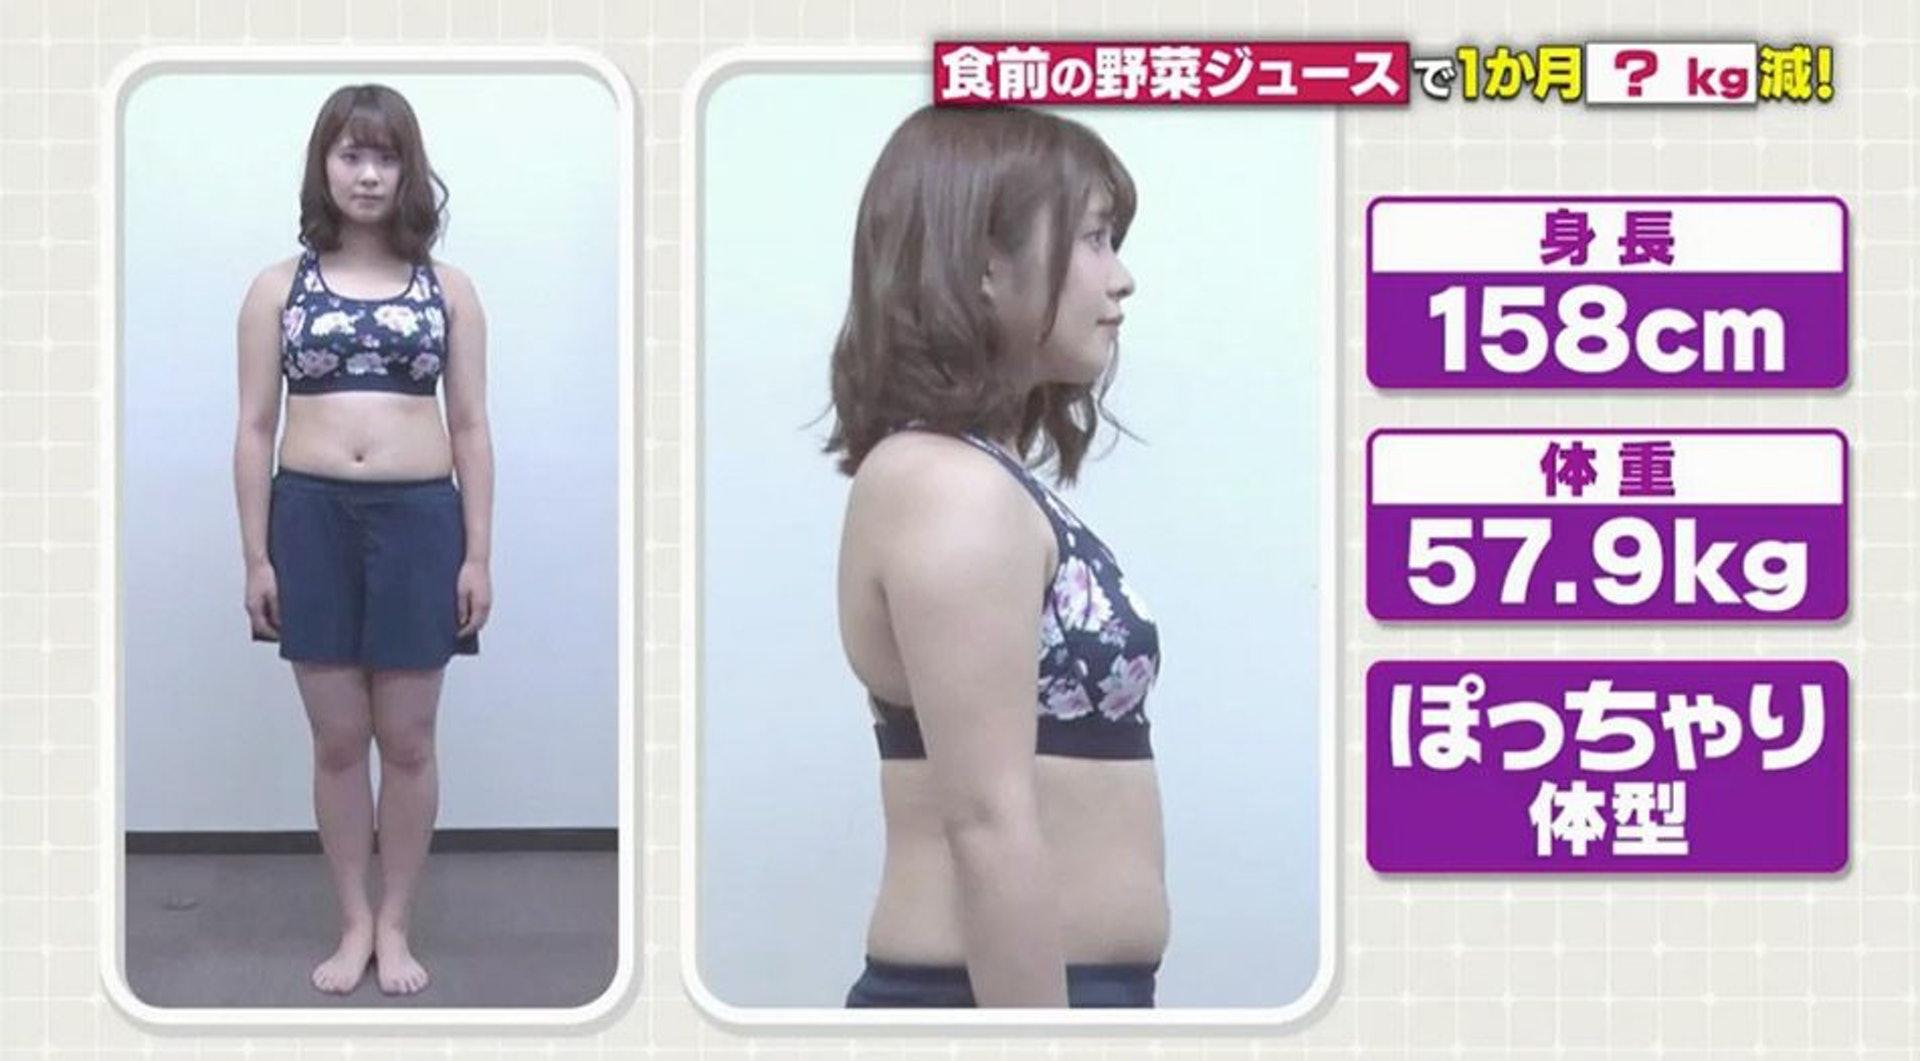 測試前,女生的體重是57.9kg、腰圍79.2cm。(日本電視台MBS節目《林先生が驚く 初耳学》截圖)